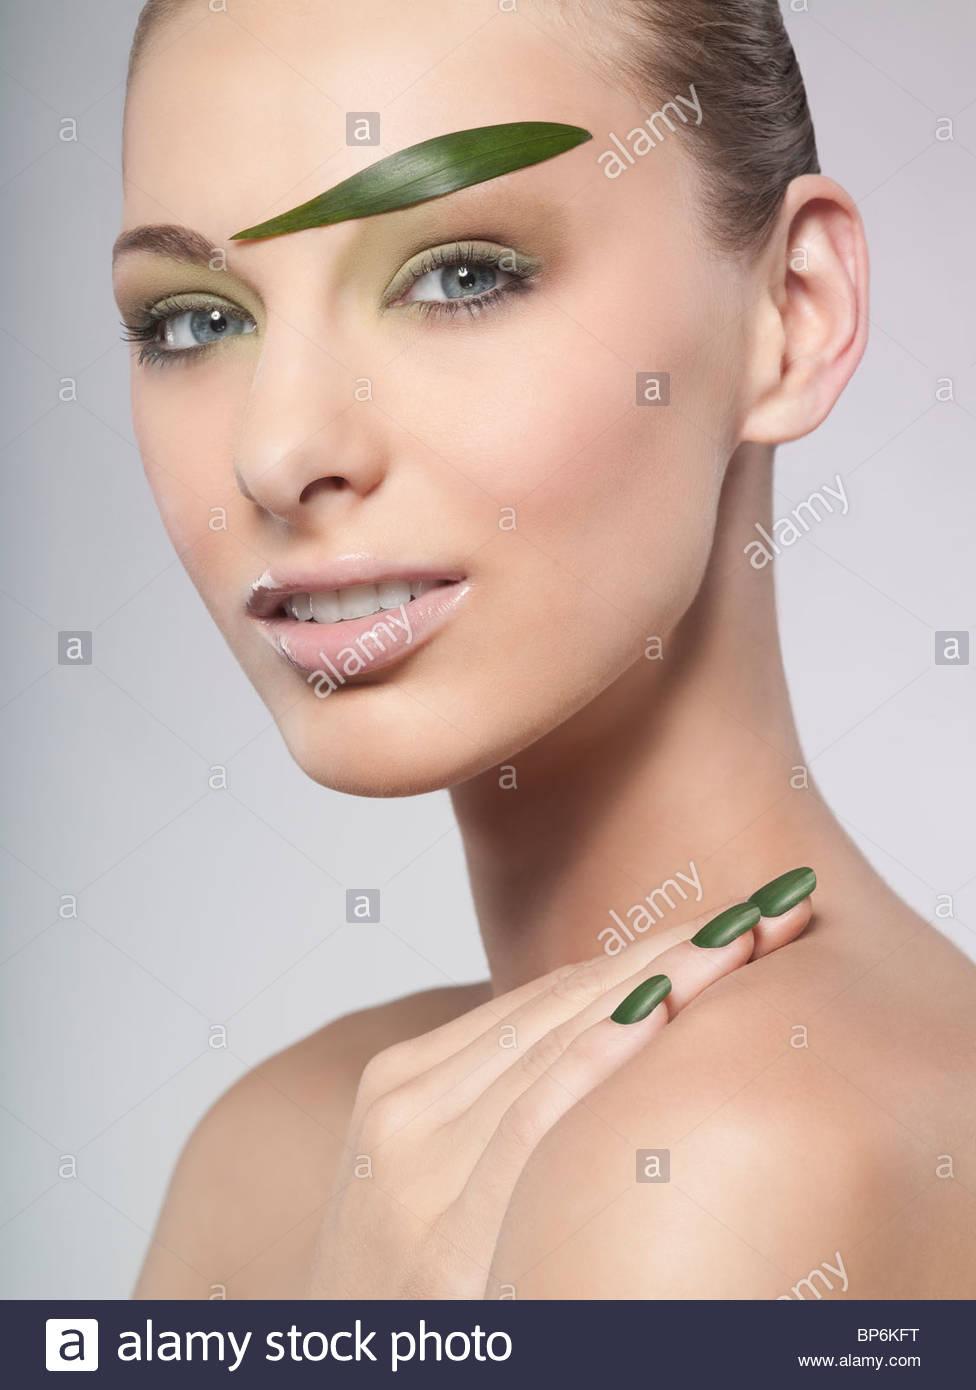 Une femme en vernis vert et vert feuille eyebrow Photo Stock